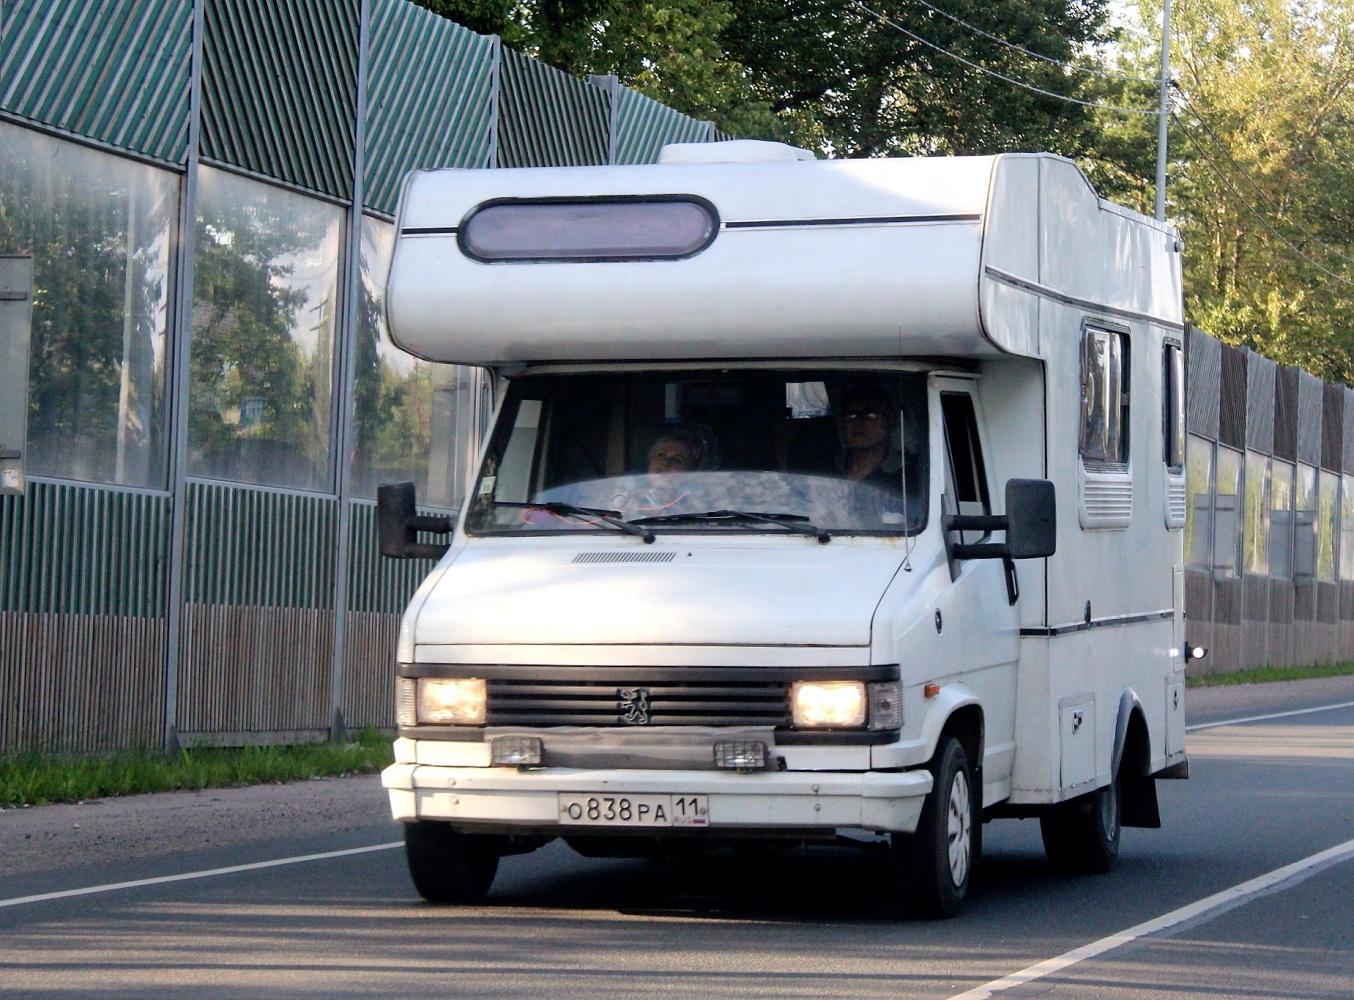 Автодом на шасси Peugeot J5 #О 838 РА 11. Псков, Ленинградское шоссе